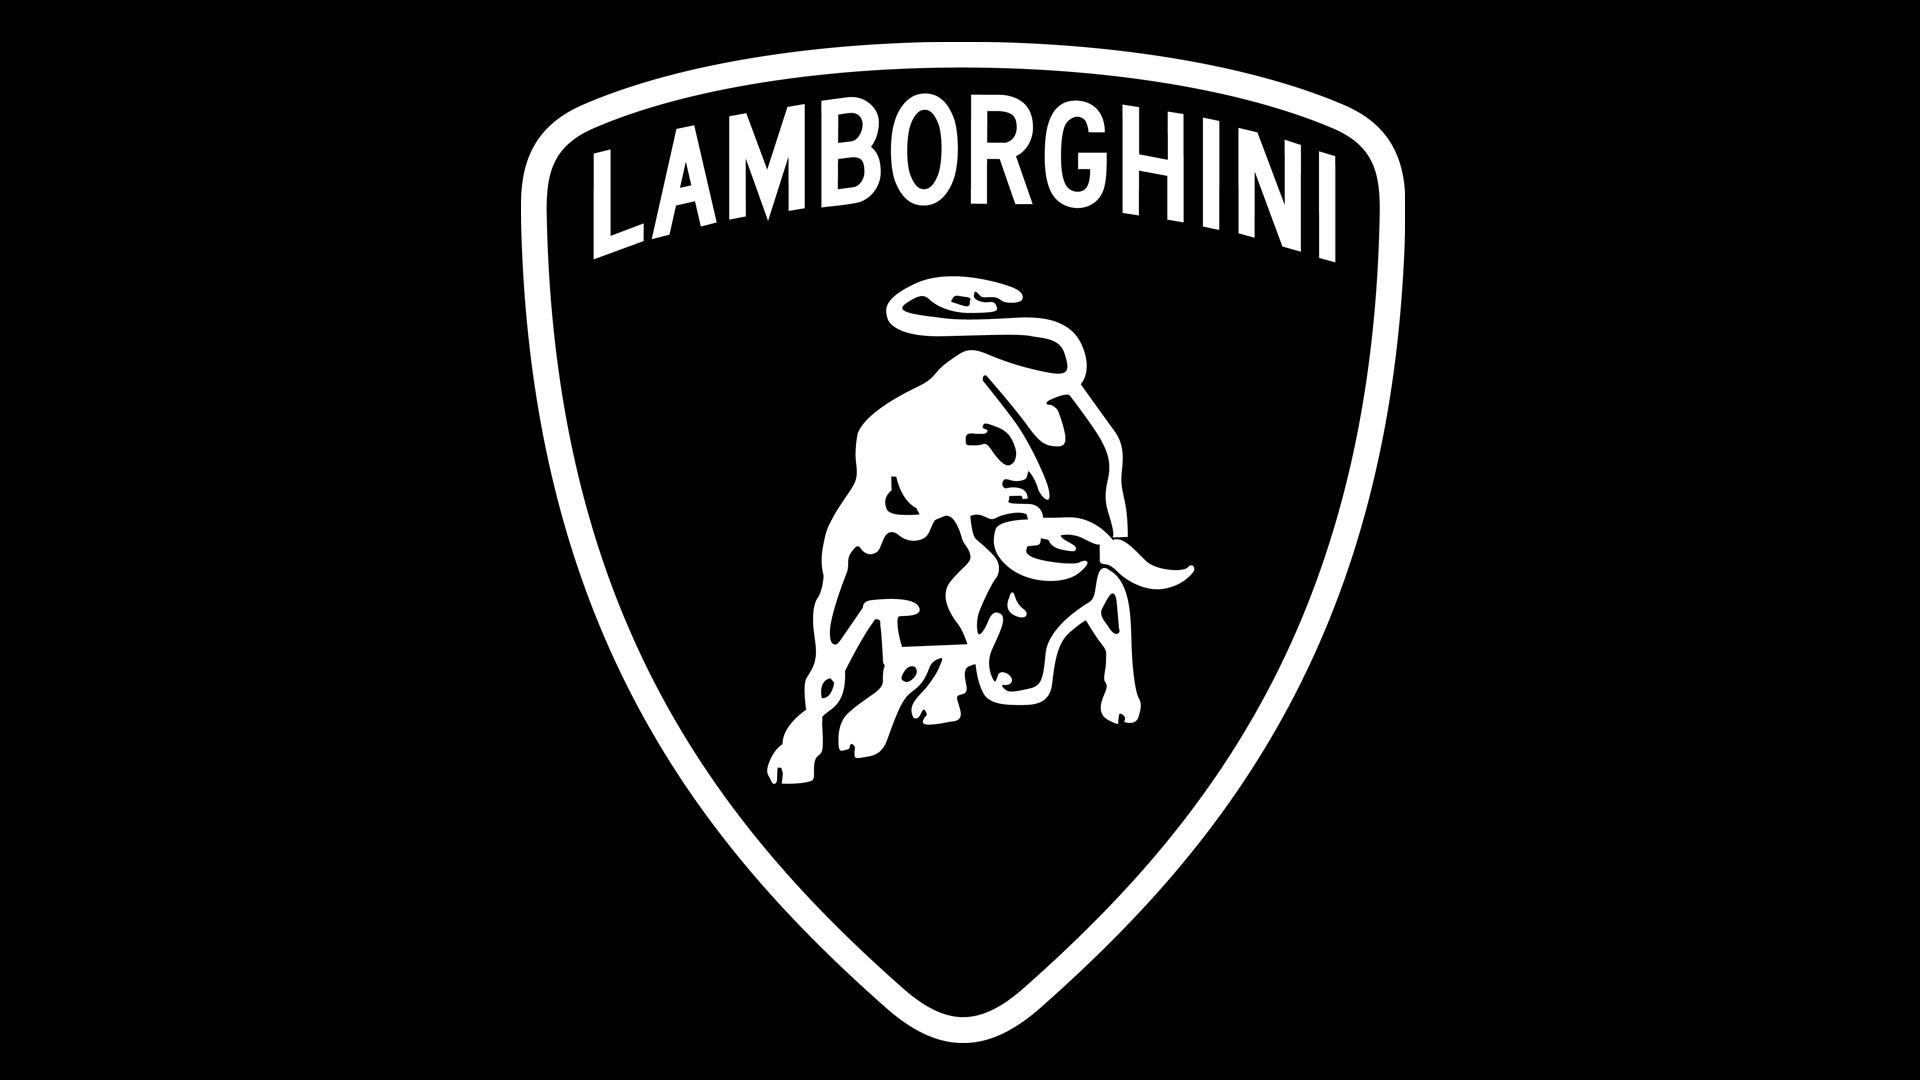 le logo lamborghini les marques de voitures lamborghini logo shirt lamborghini logo vector